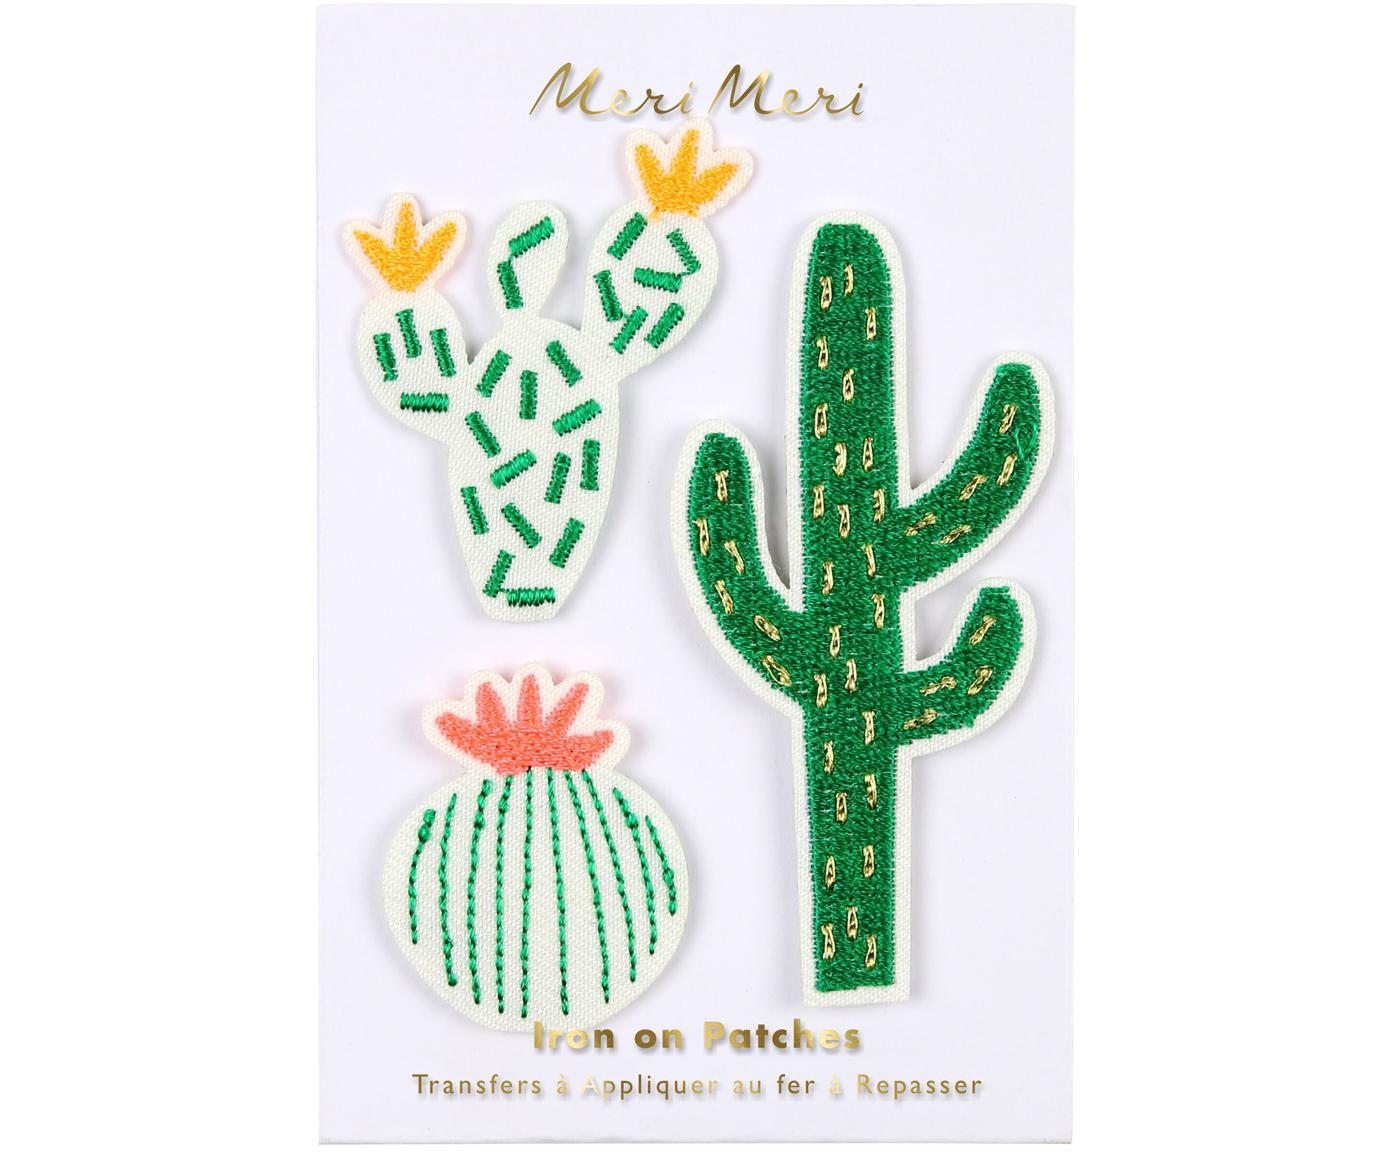 Set de parches Cactus, 3pzas., Algodón de canvas, Verde, blanco, rosa, amarillo, Tamaños diferentes